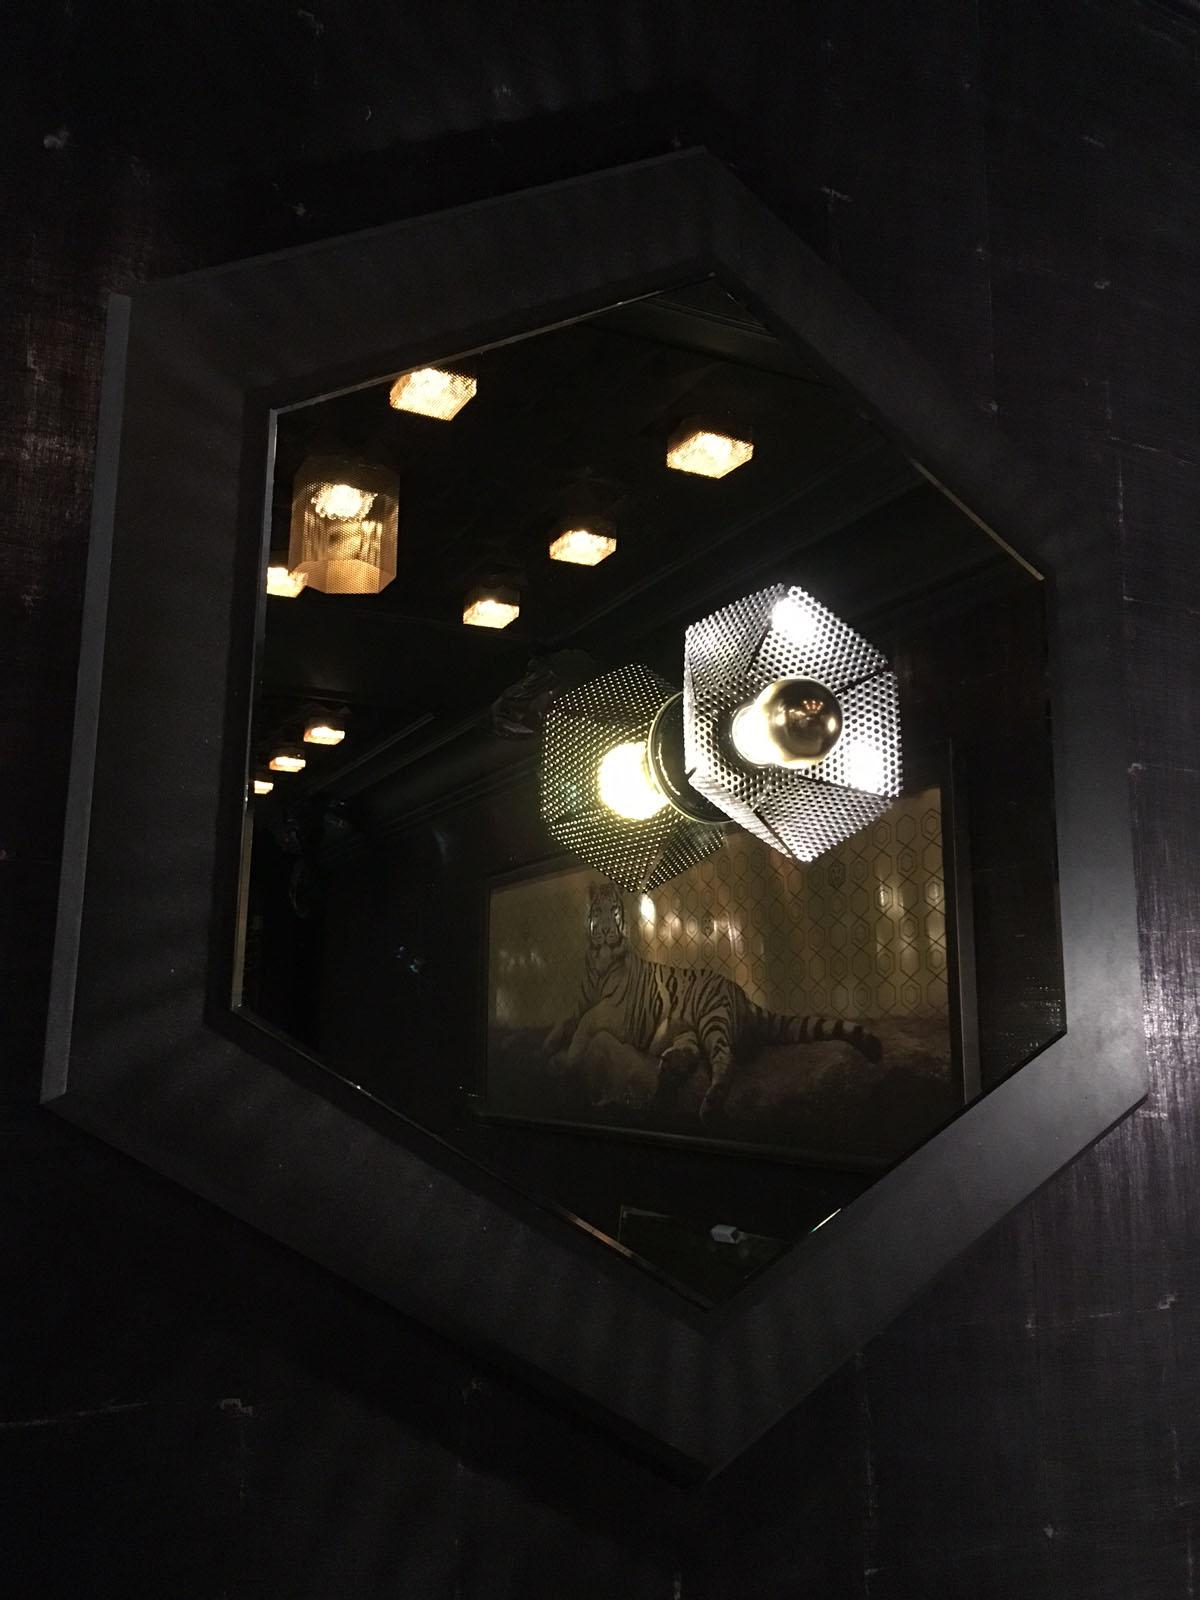 Restaurant Le TIGrr Courchevel bar asiatique Miroirs appliques metal impression tigre dibond or sur-mesure design Agence MAJOTIK